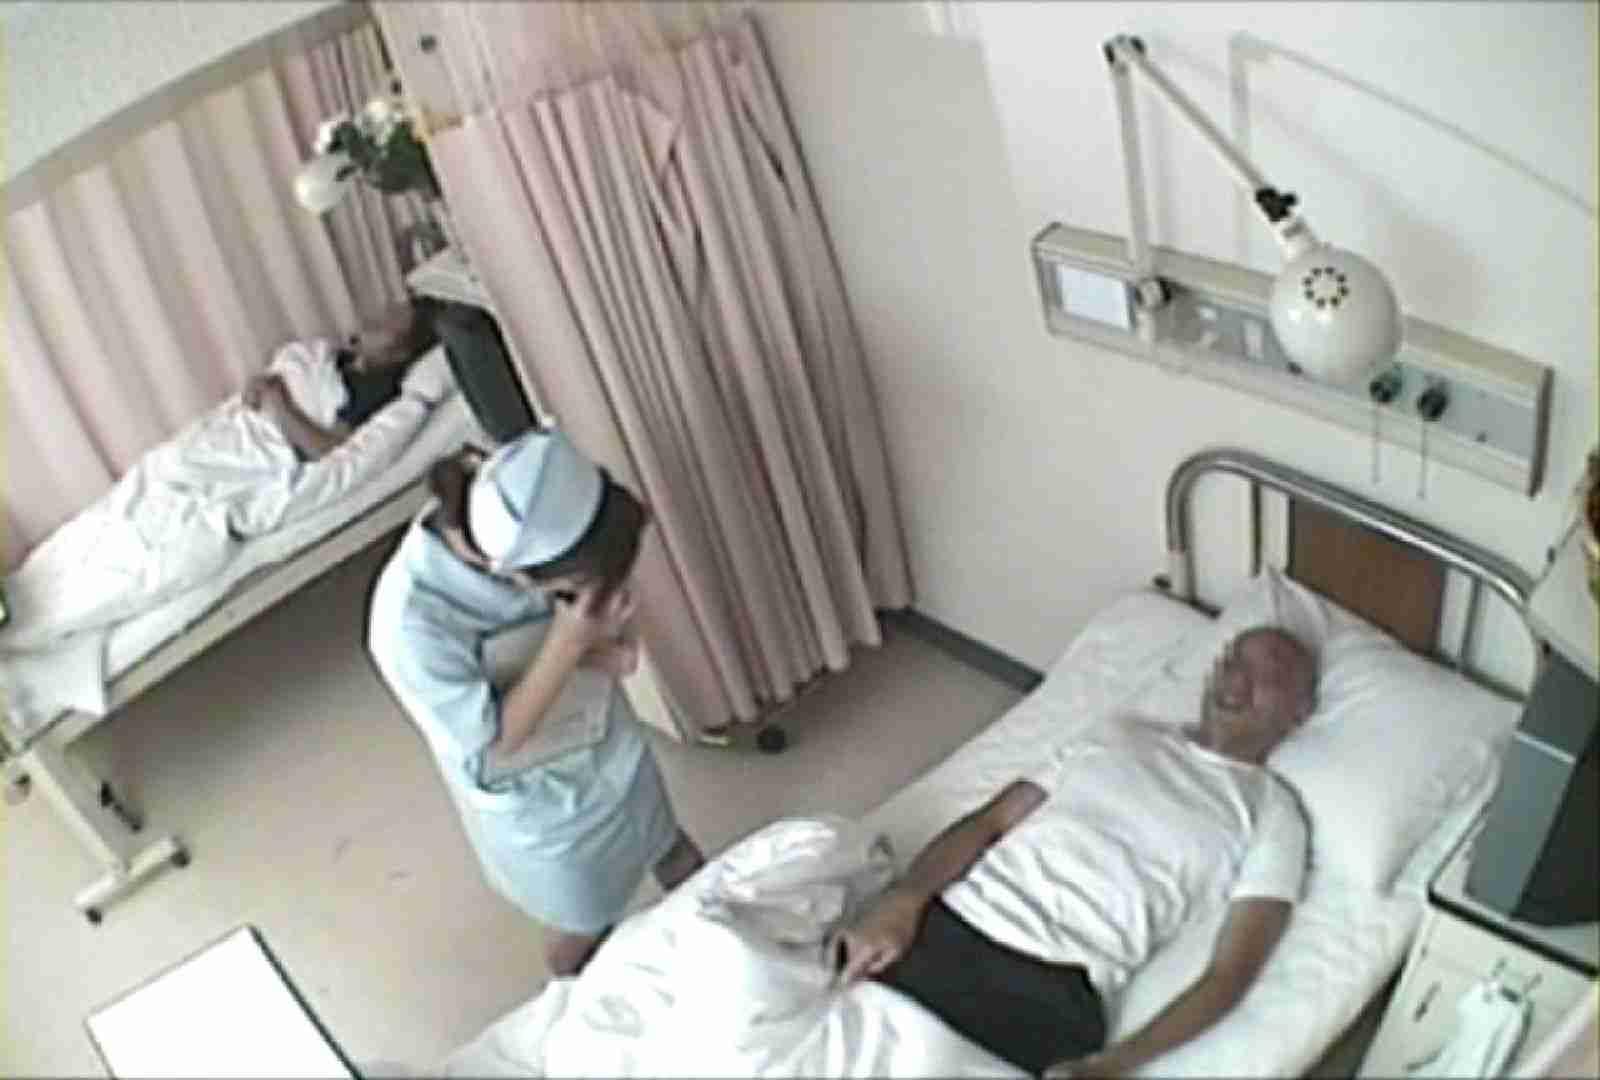 絶対に逝ってはいけない寸止め病棟Vol.2 エロティックなOL | ワルノリ  97画像 3